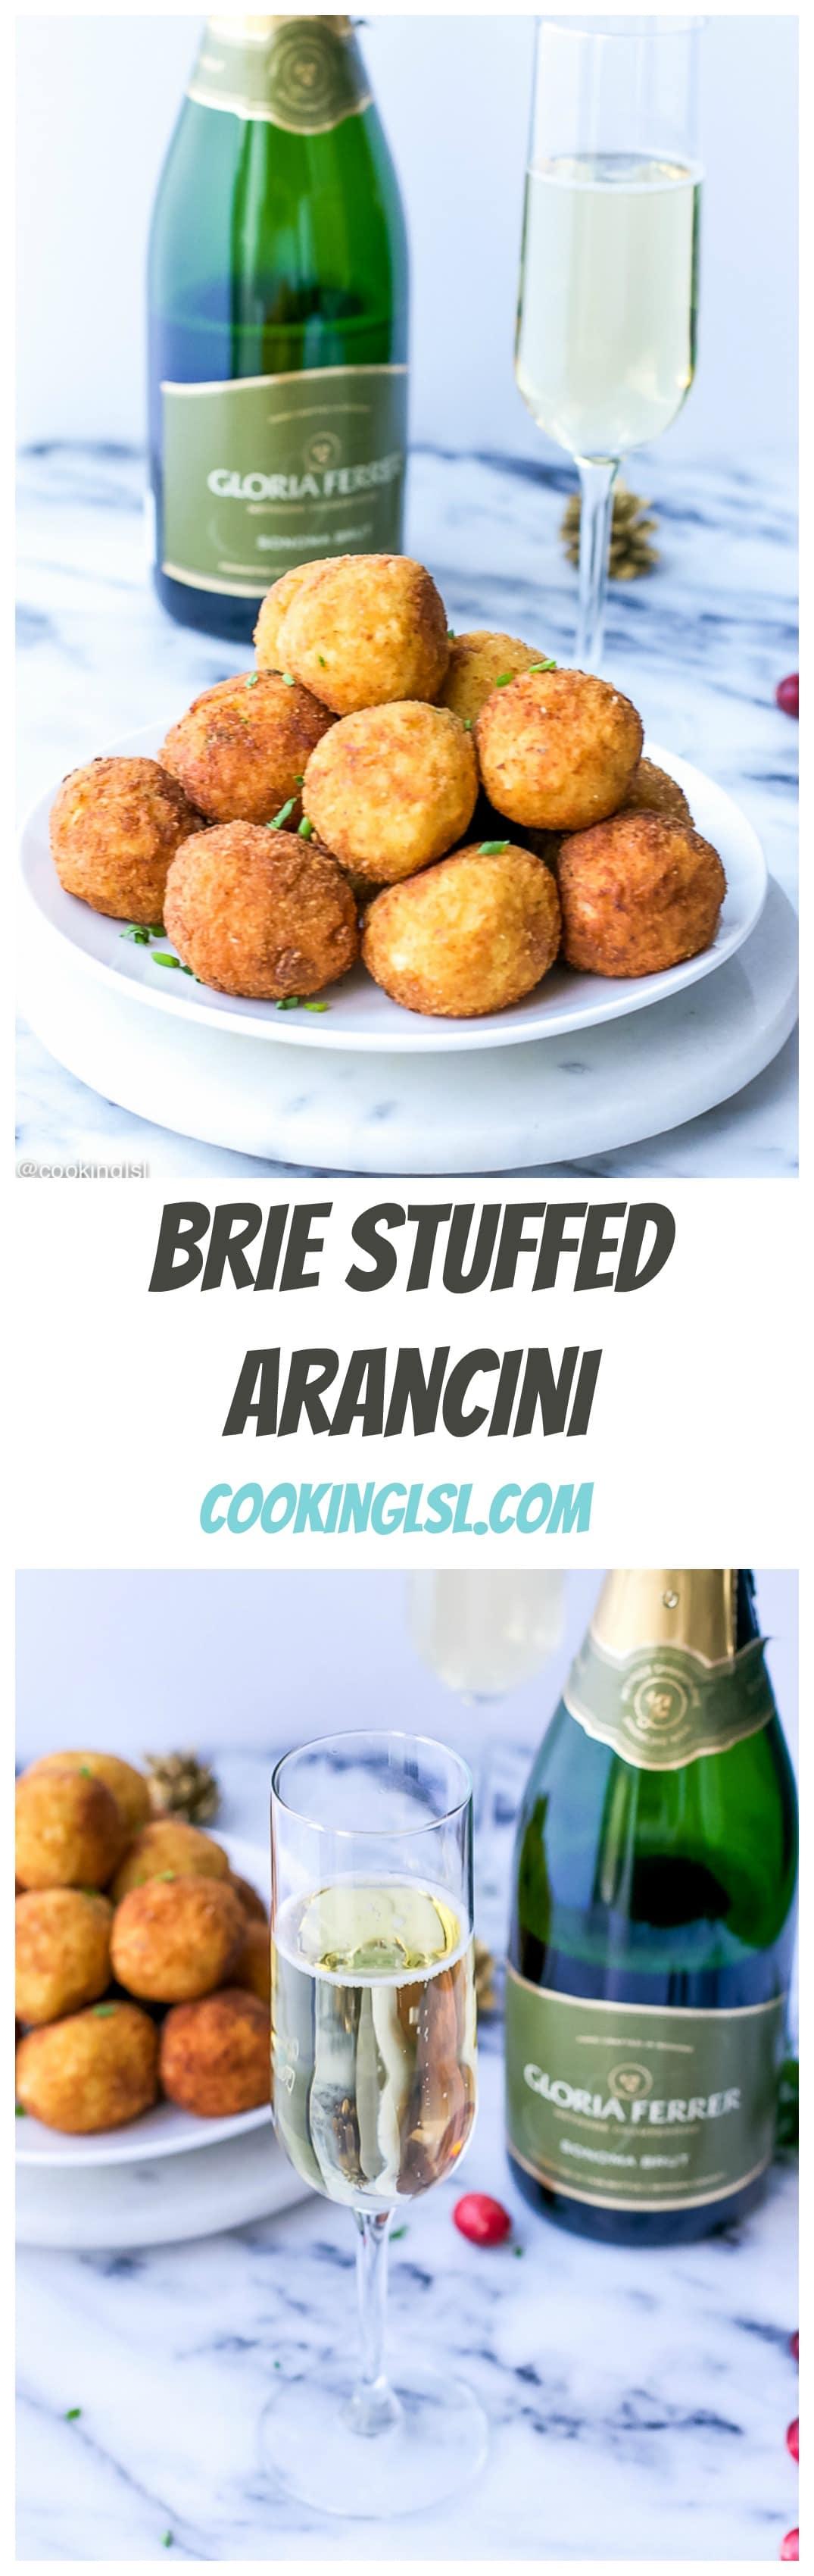 brie-stuffed-arancini-recipe